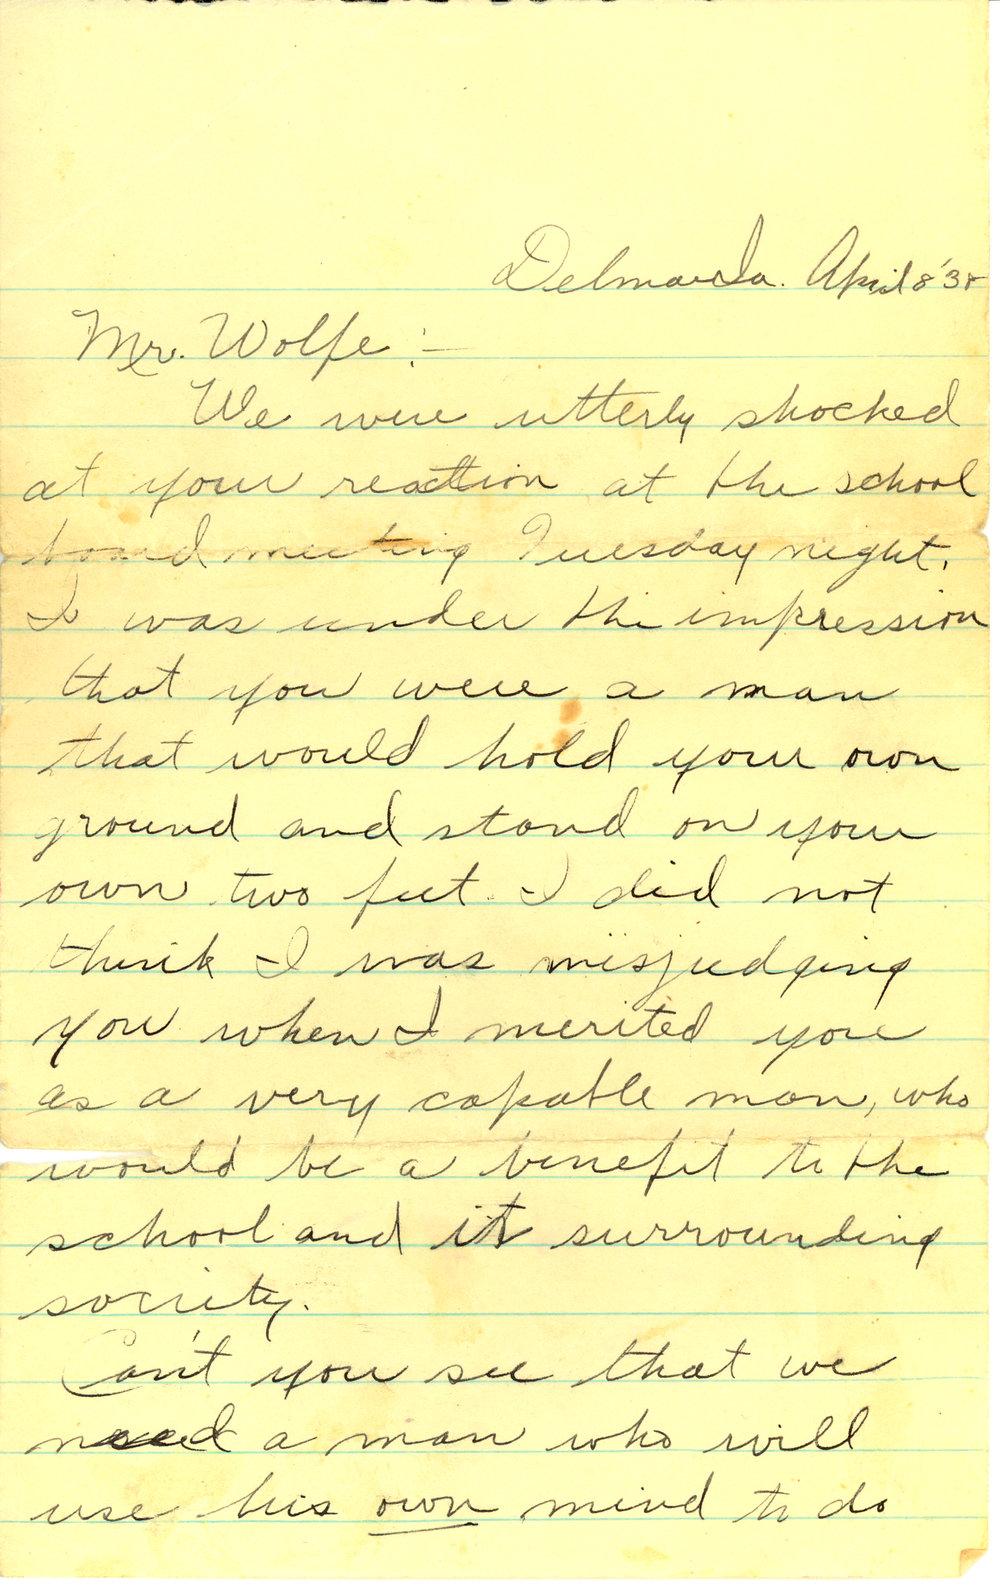 letter_raywolfe_1938_1.jpg